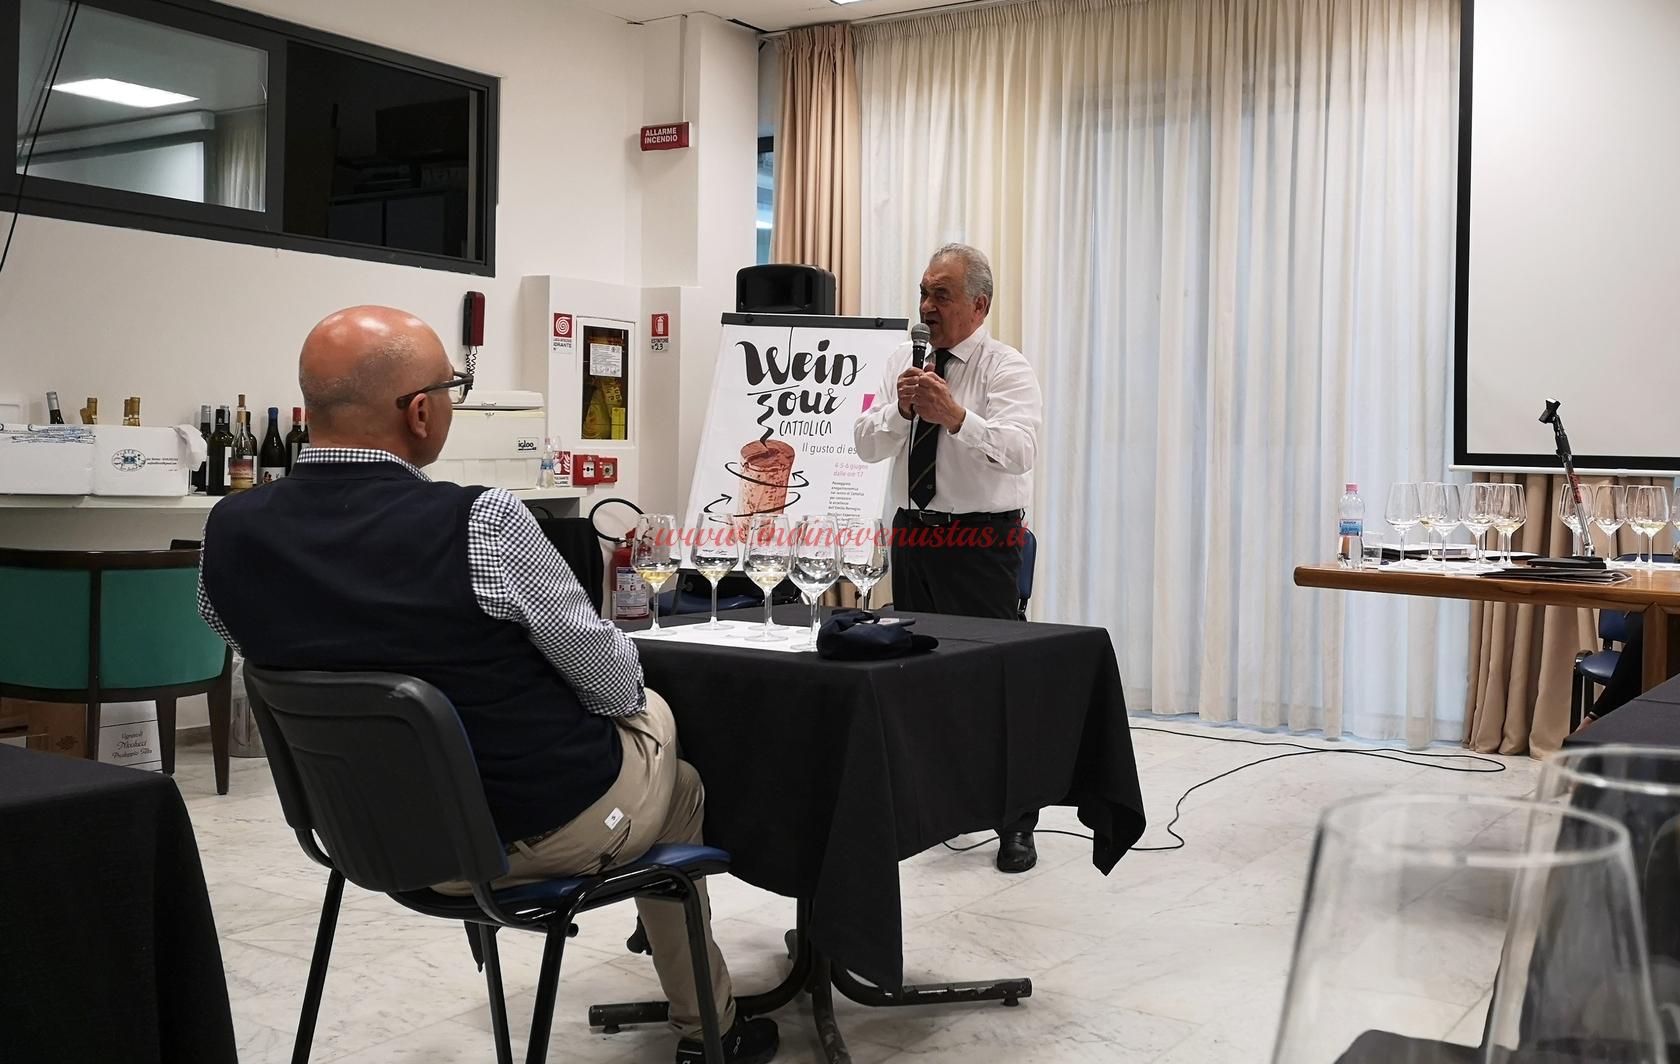 Seminario Wein Tour 2021 con Bruno Piccioni